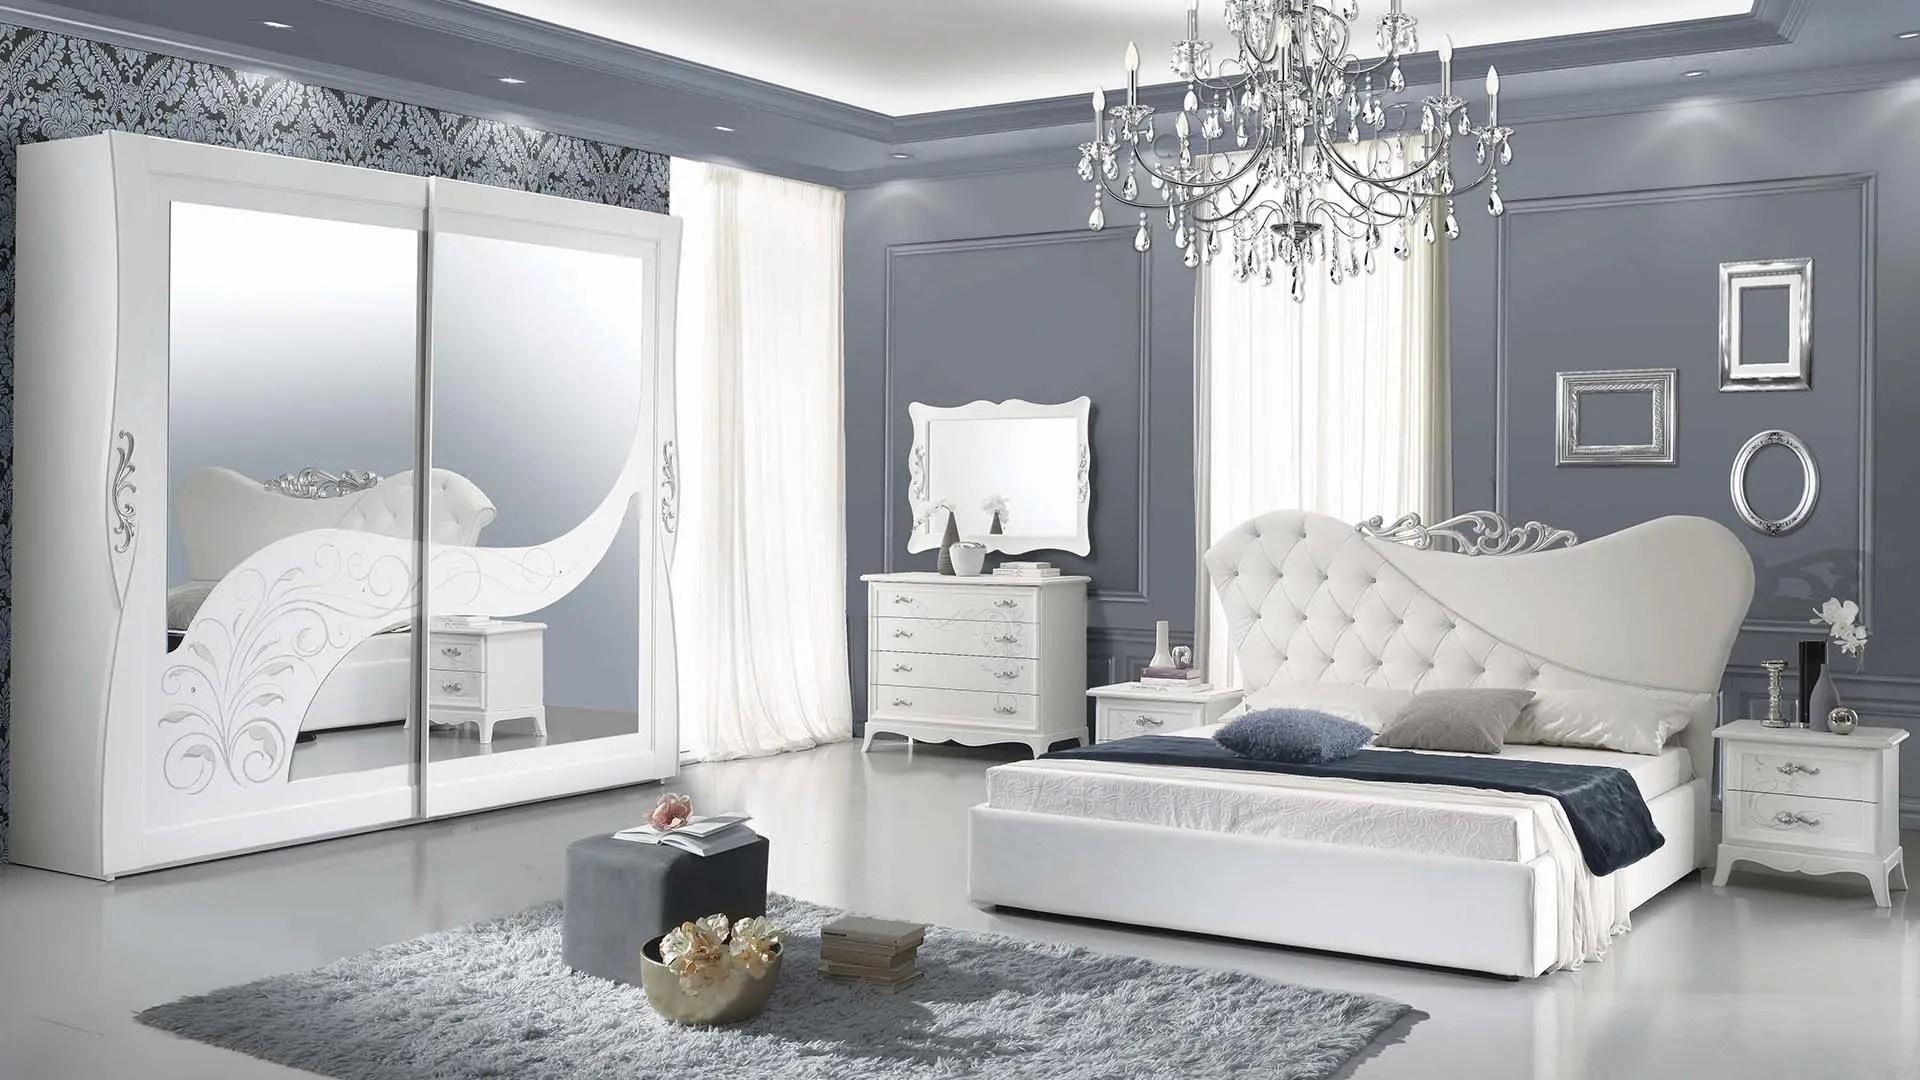 Camera da letto matrimoniale con armadio tre ante scorrevoli e letto con box contenitore. Easy Camere In Pronta Consegna Mobilandia